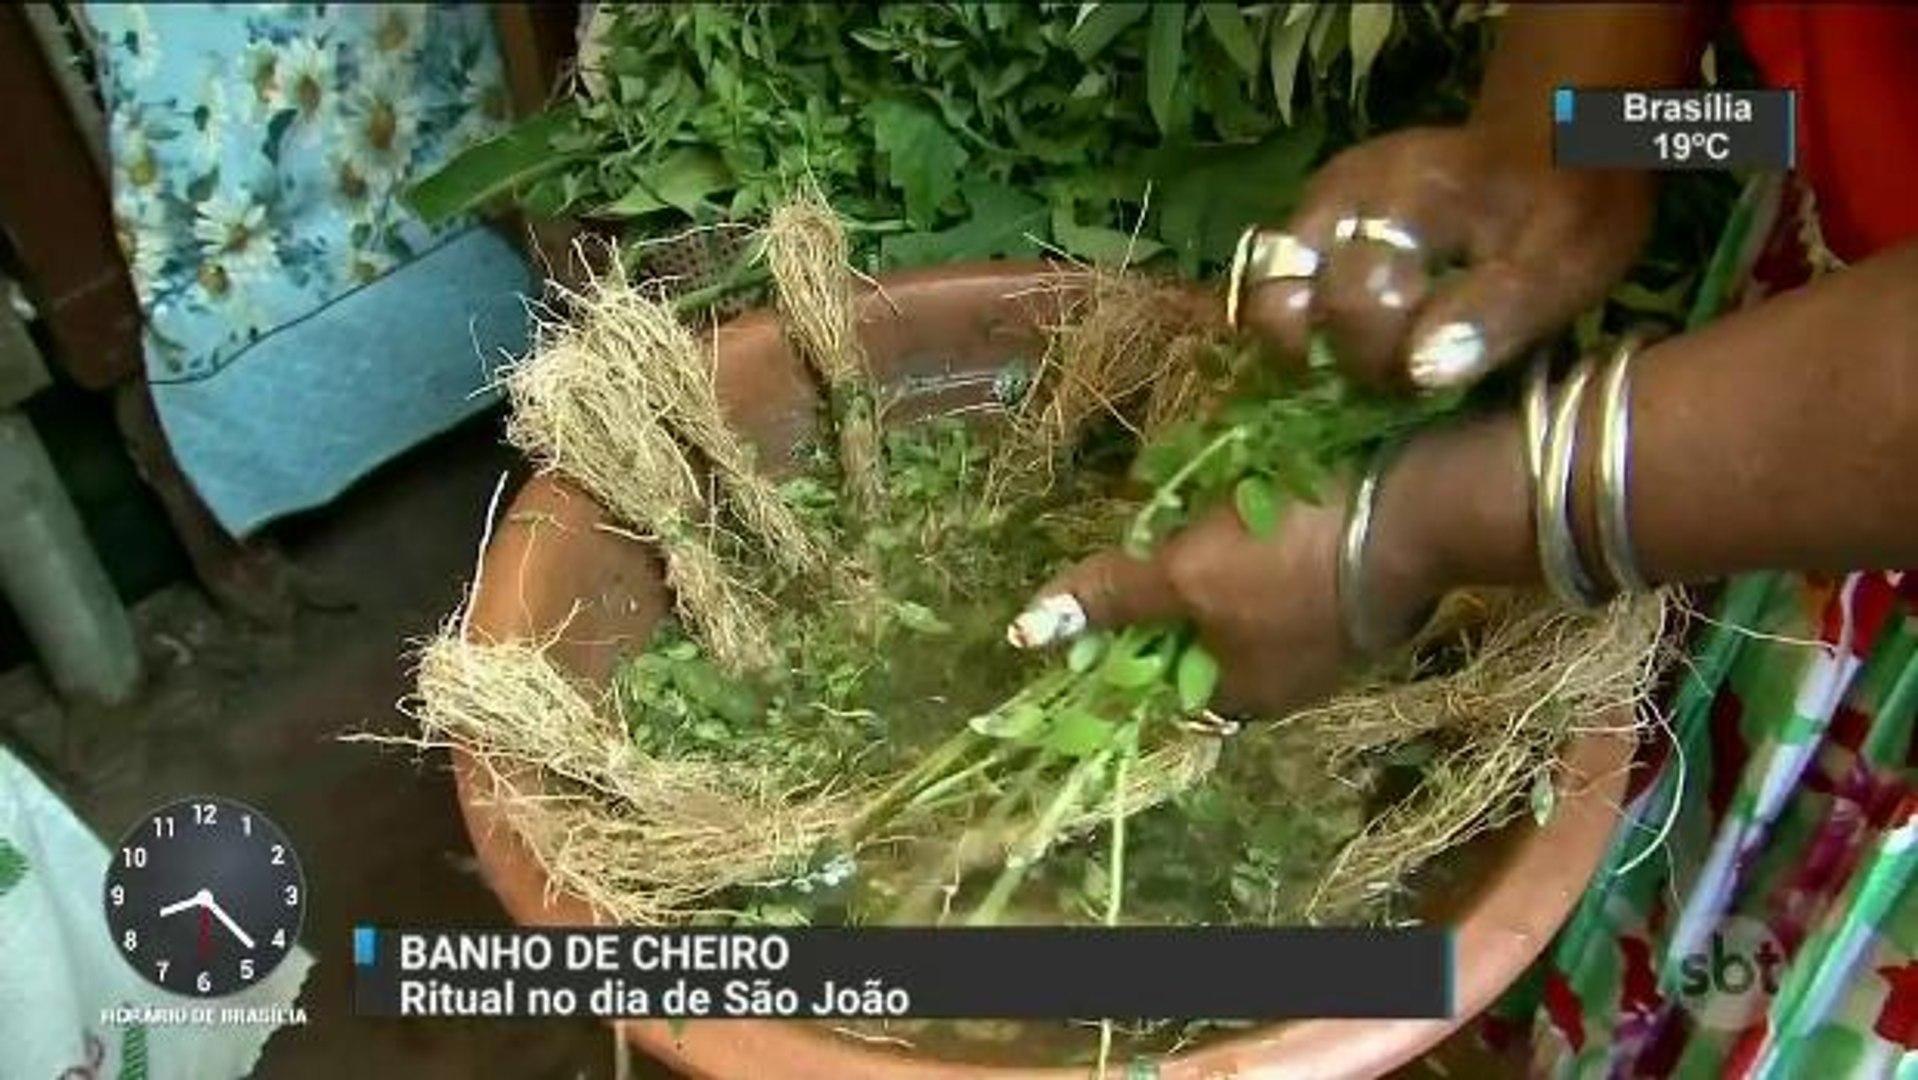 Belém celebra dia de São João com tradicional Banho de Cheiro